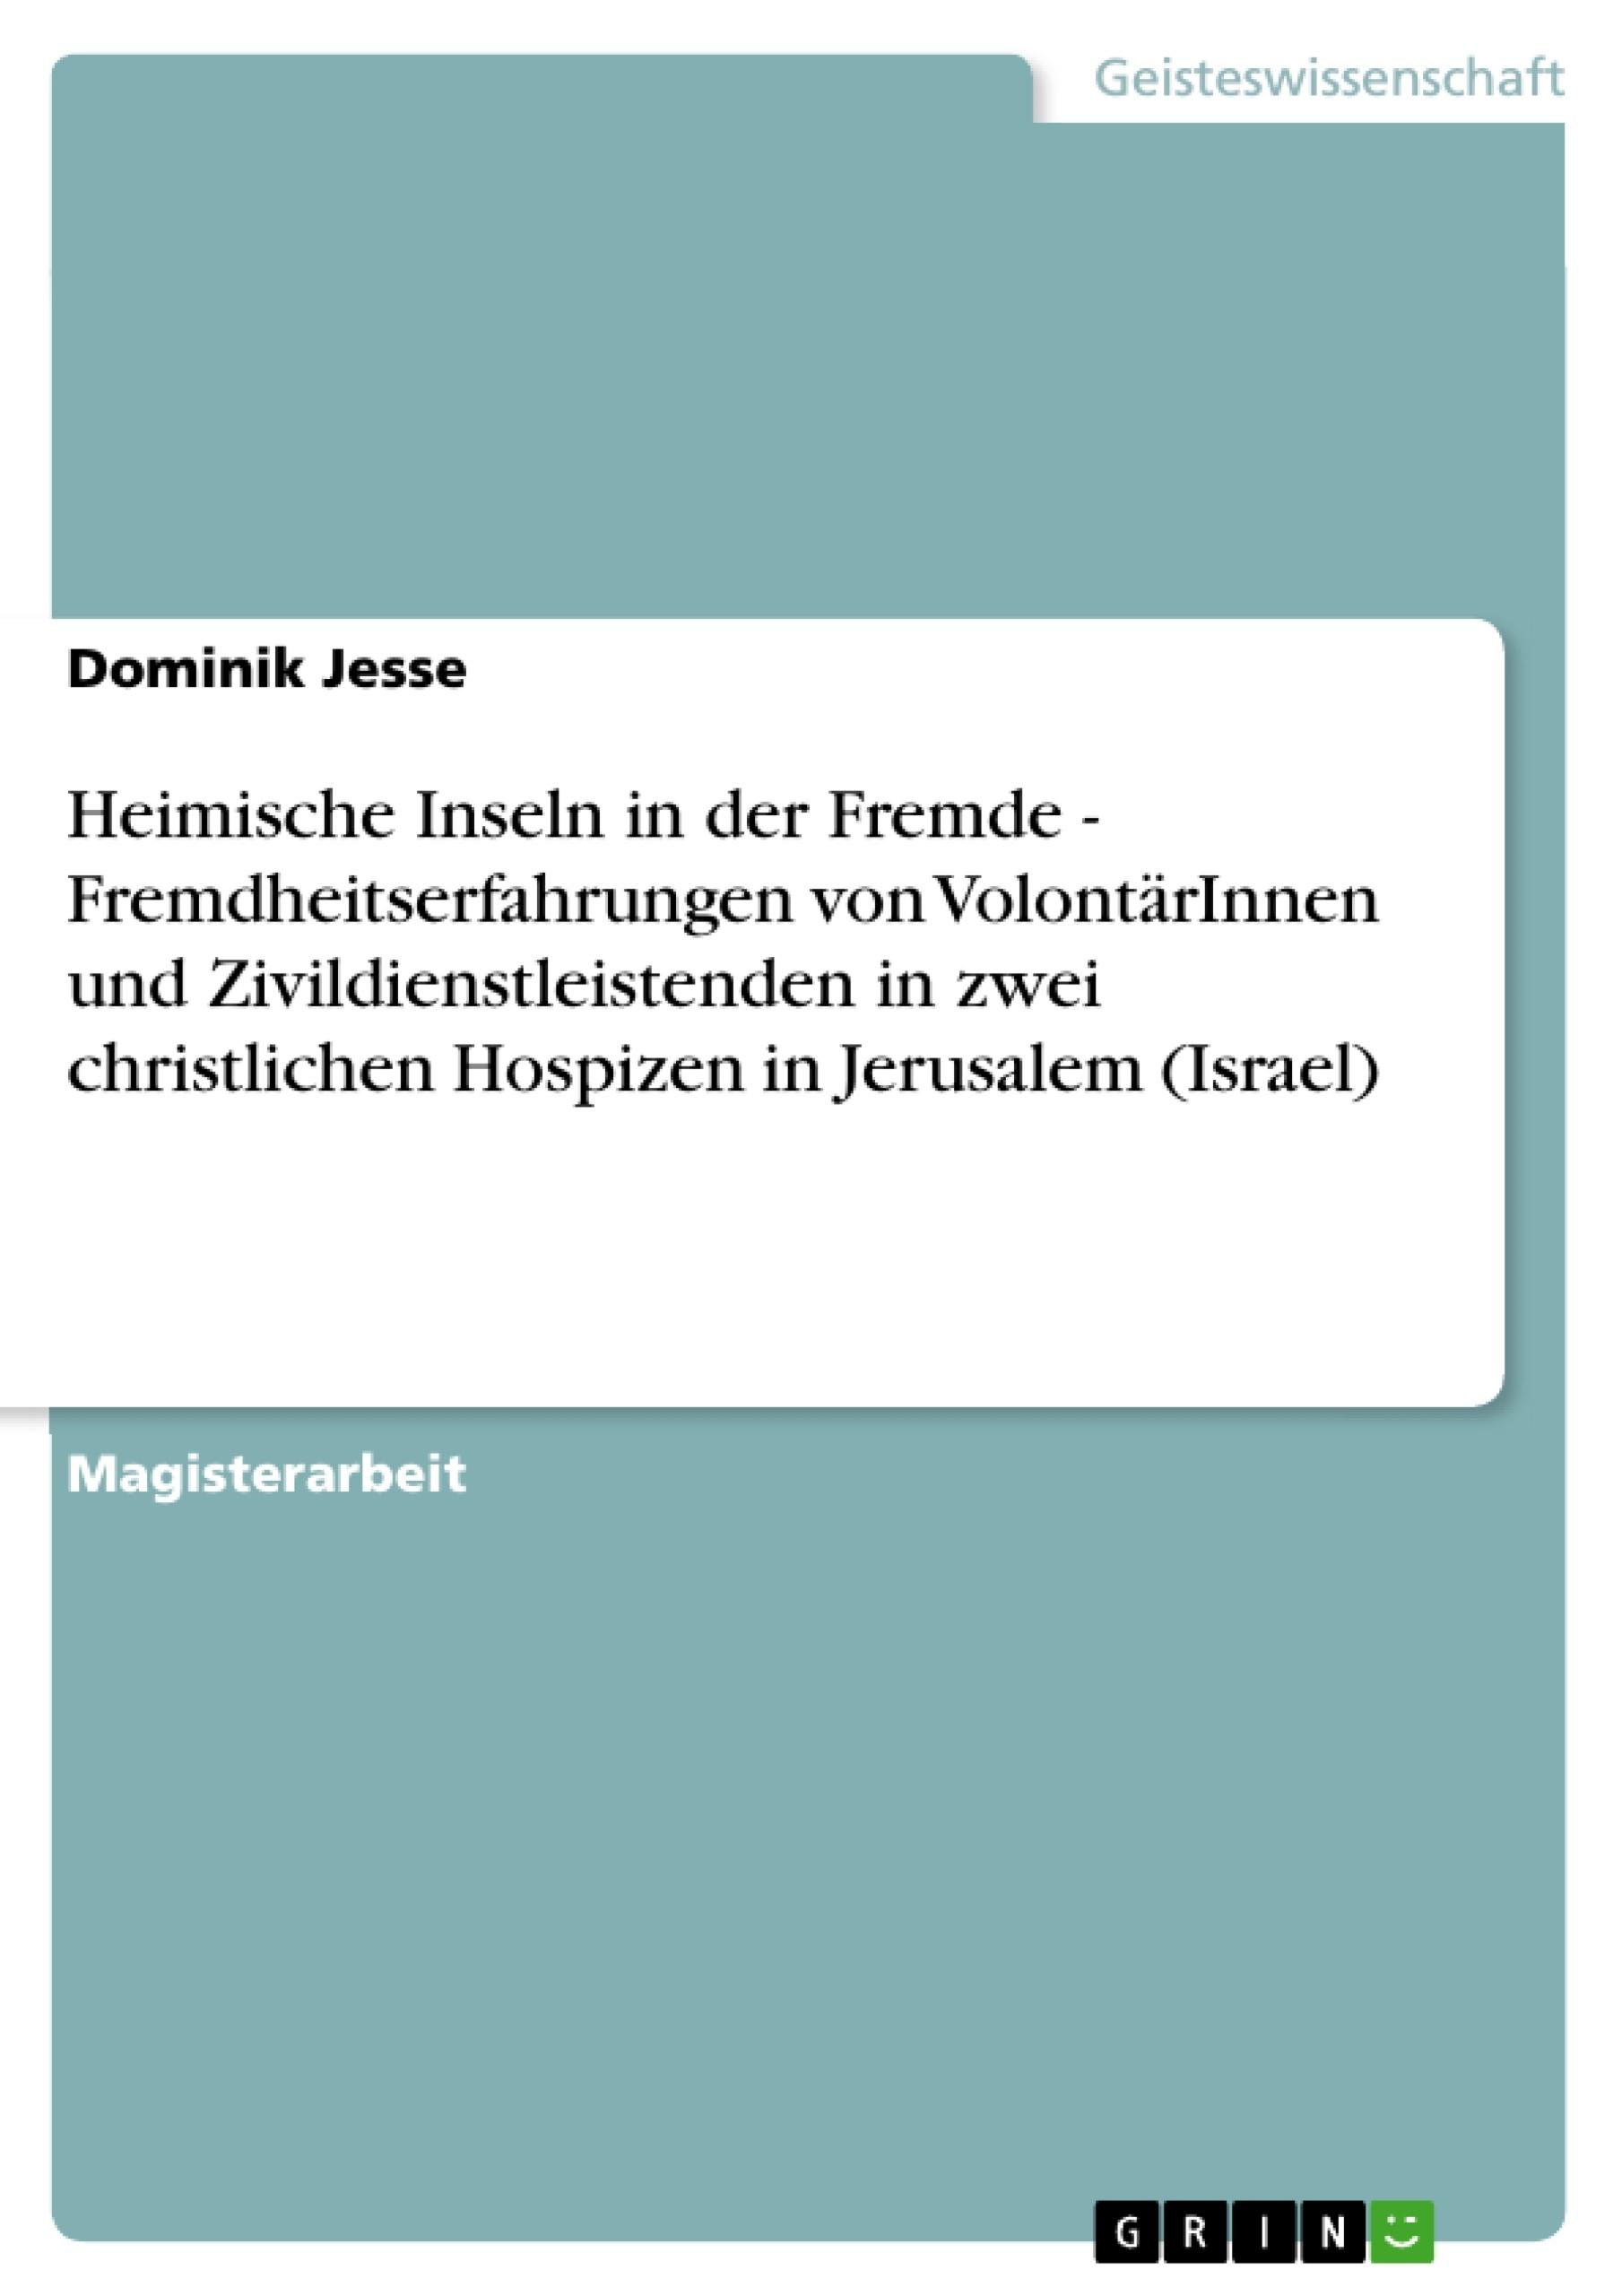 Titel: Heimische Inseln in der Fremde - Fremdheitserfahrungen von VolontärInnen und Zivildienstleistenden in zwei christlichen Hospizen in Jerusalem (Israel)